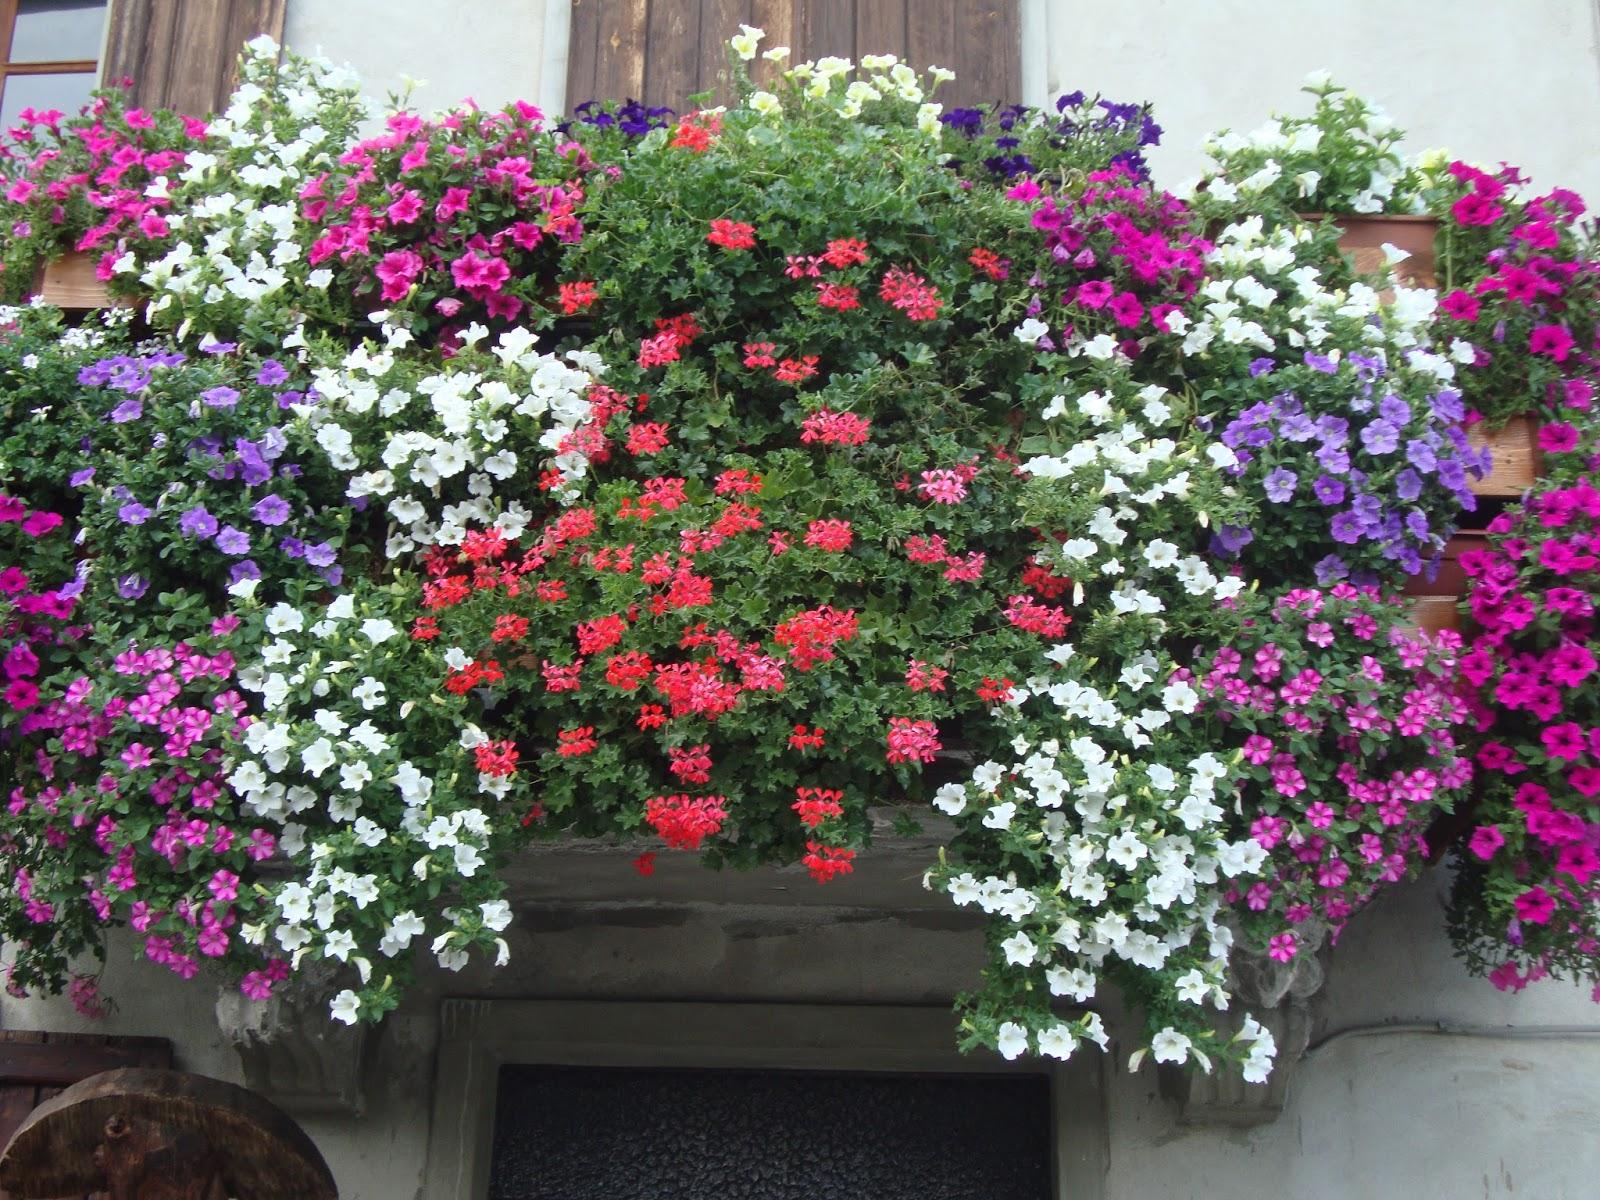 Un piccolo giardino in citt balconi fioriti - Idee per terrazzi fioriti ...